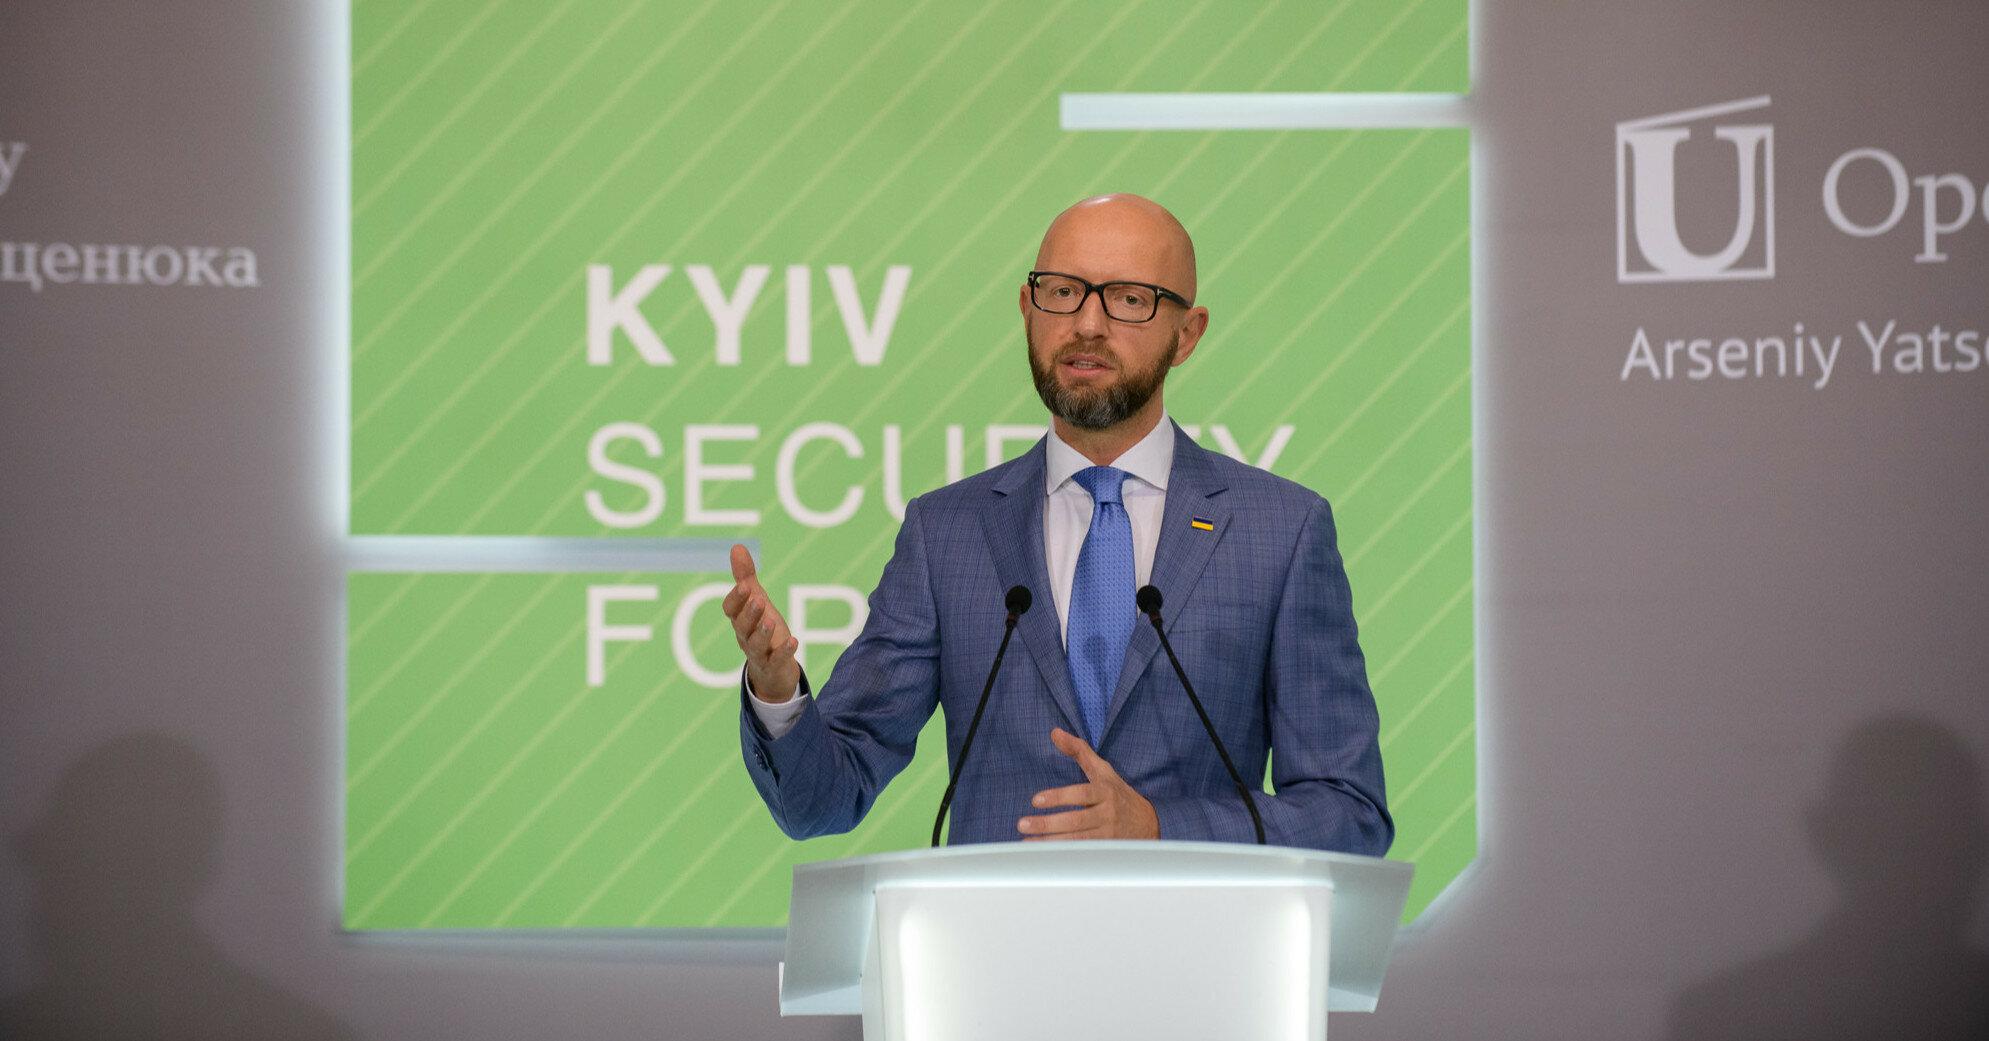 Санкций мало, нужен приговор, – Яценюк о деле Медведчука